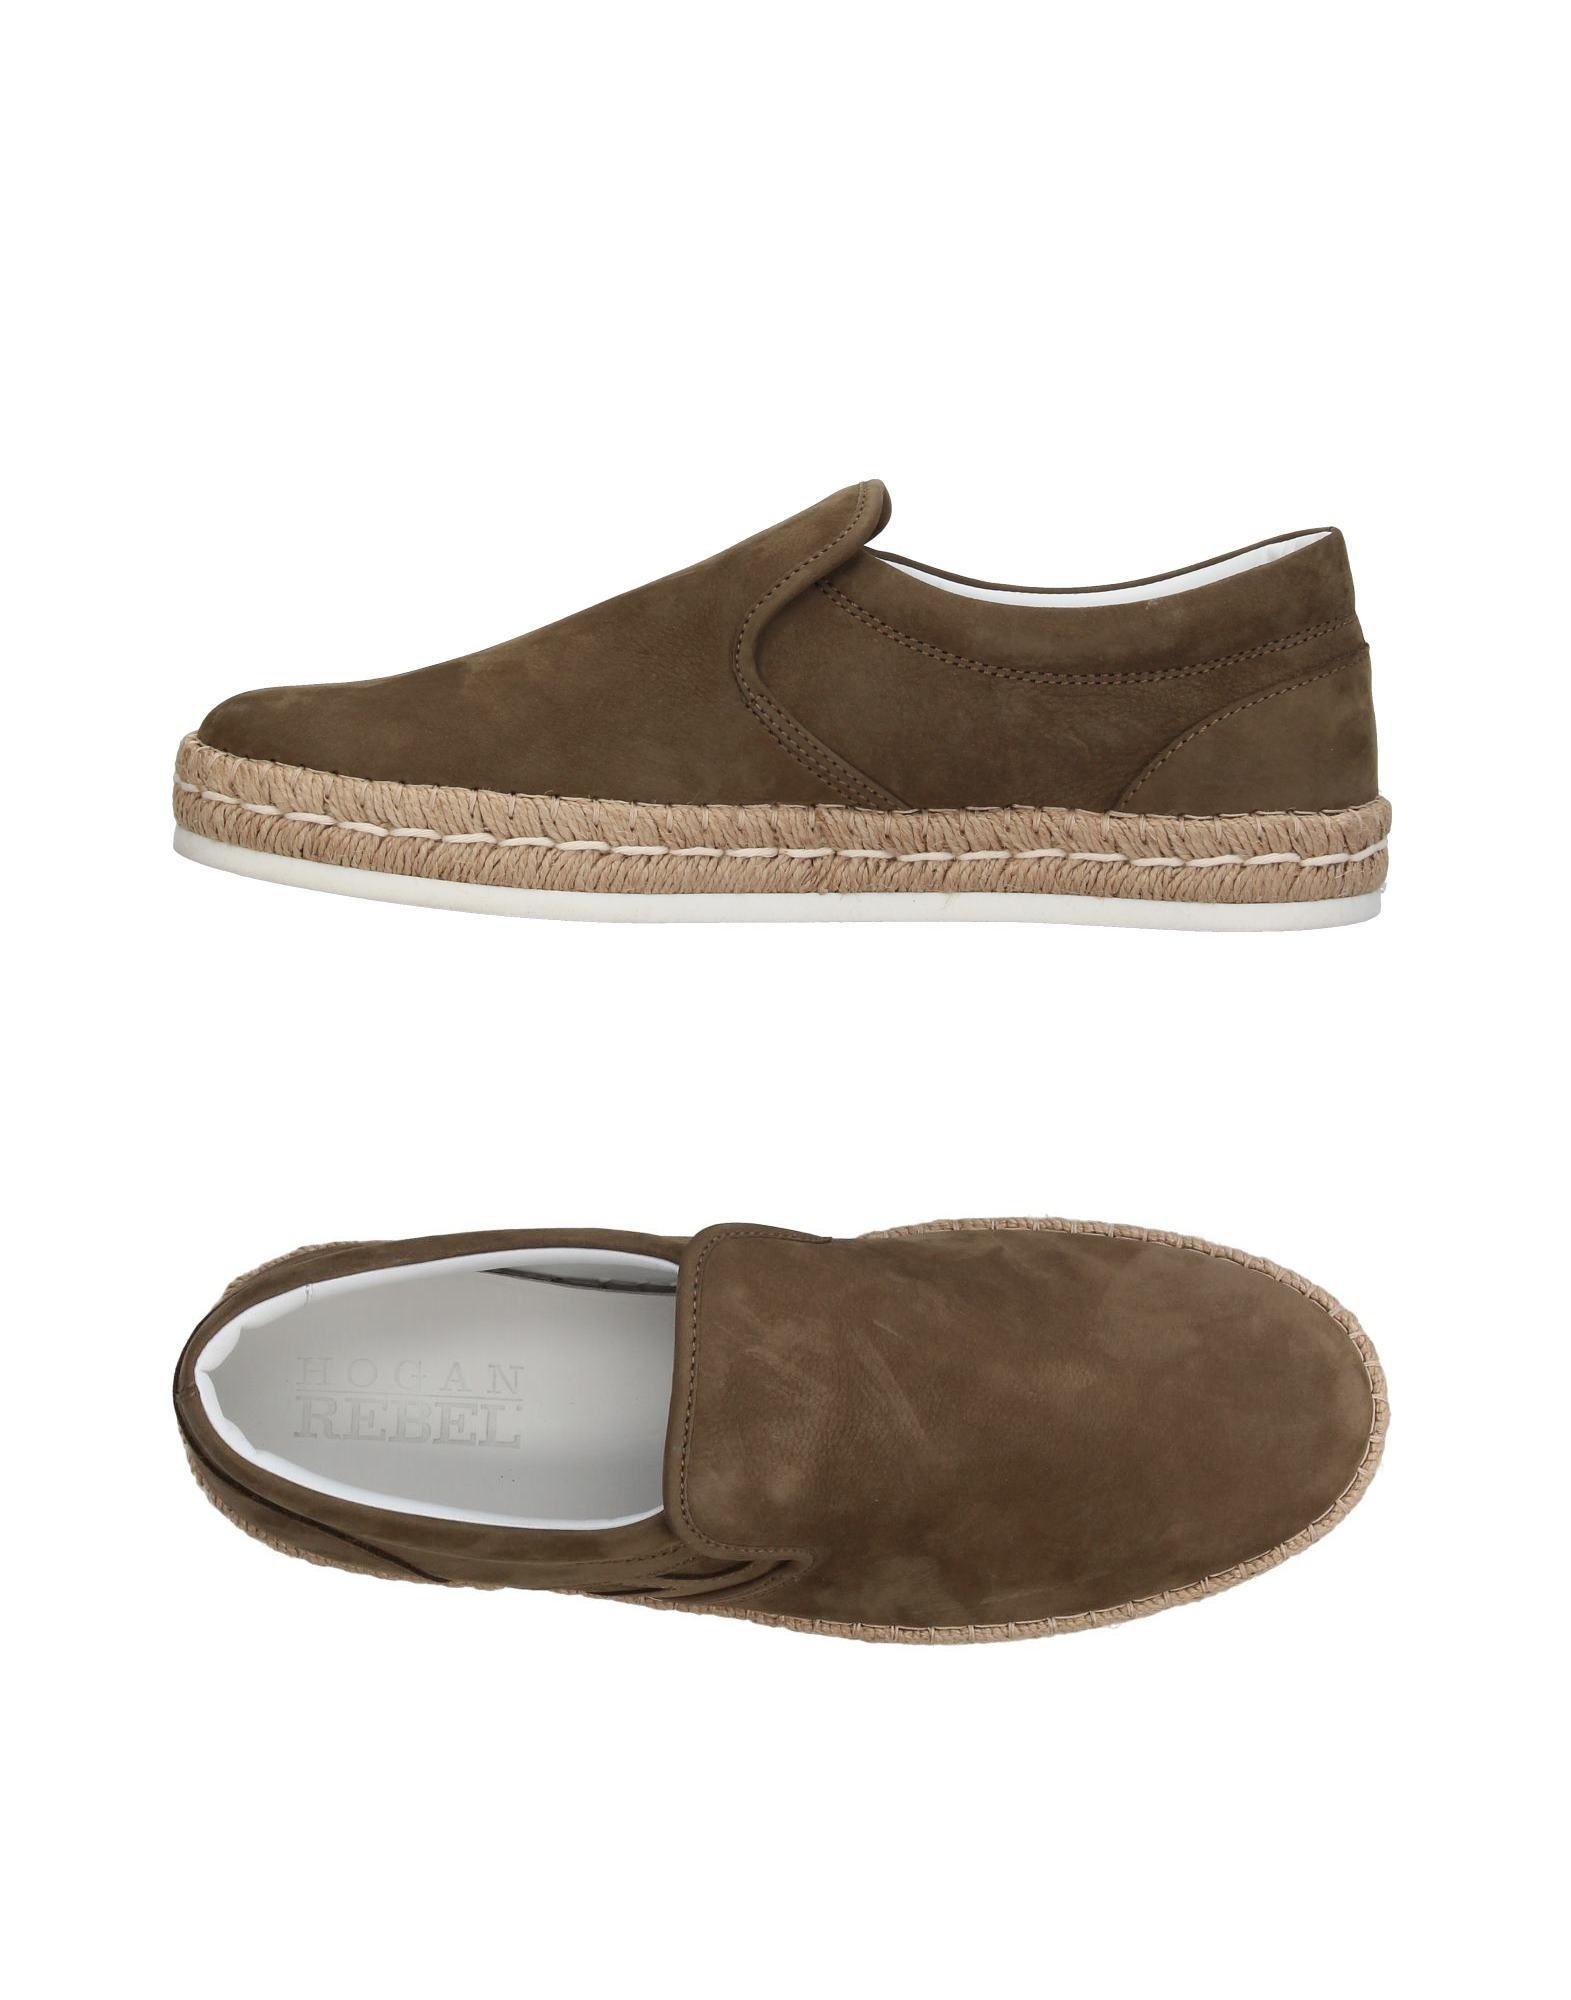 Hogan Rebel Sneakers Herren Gutes Preis-Leistungs-Verhältnis, es lohnt sich 10586